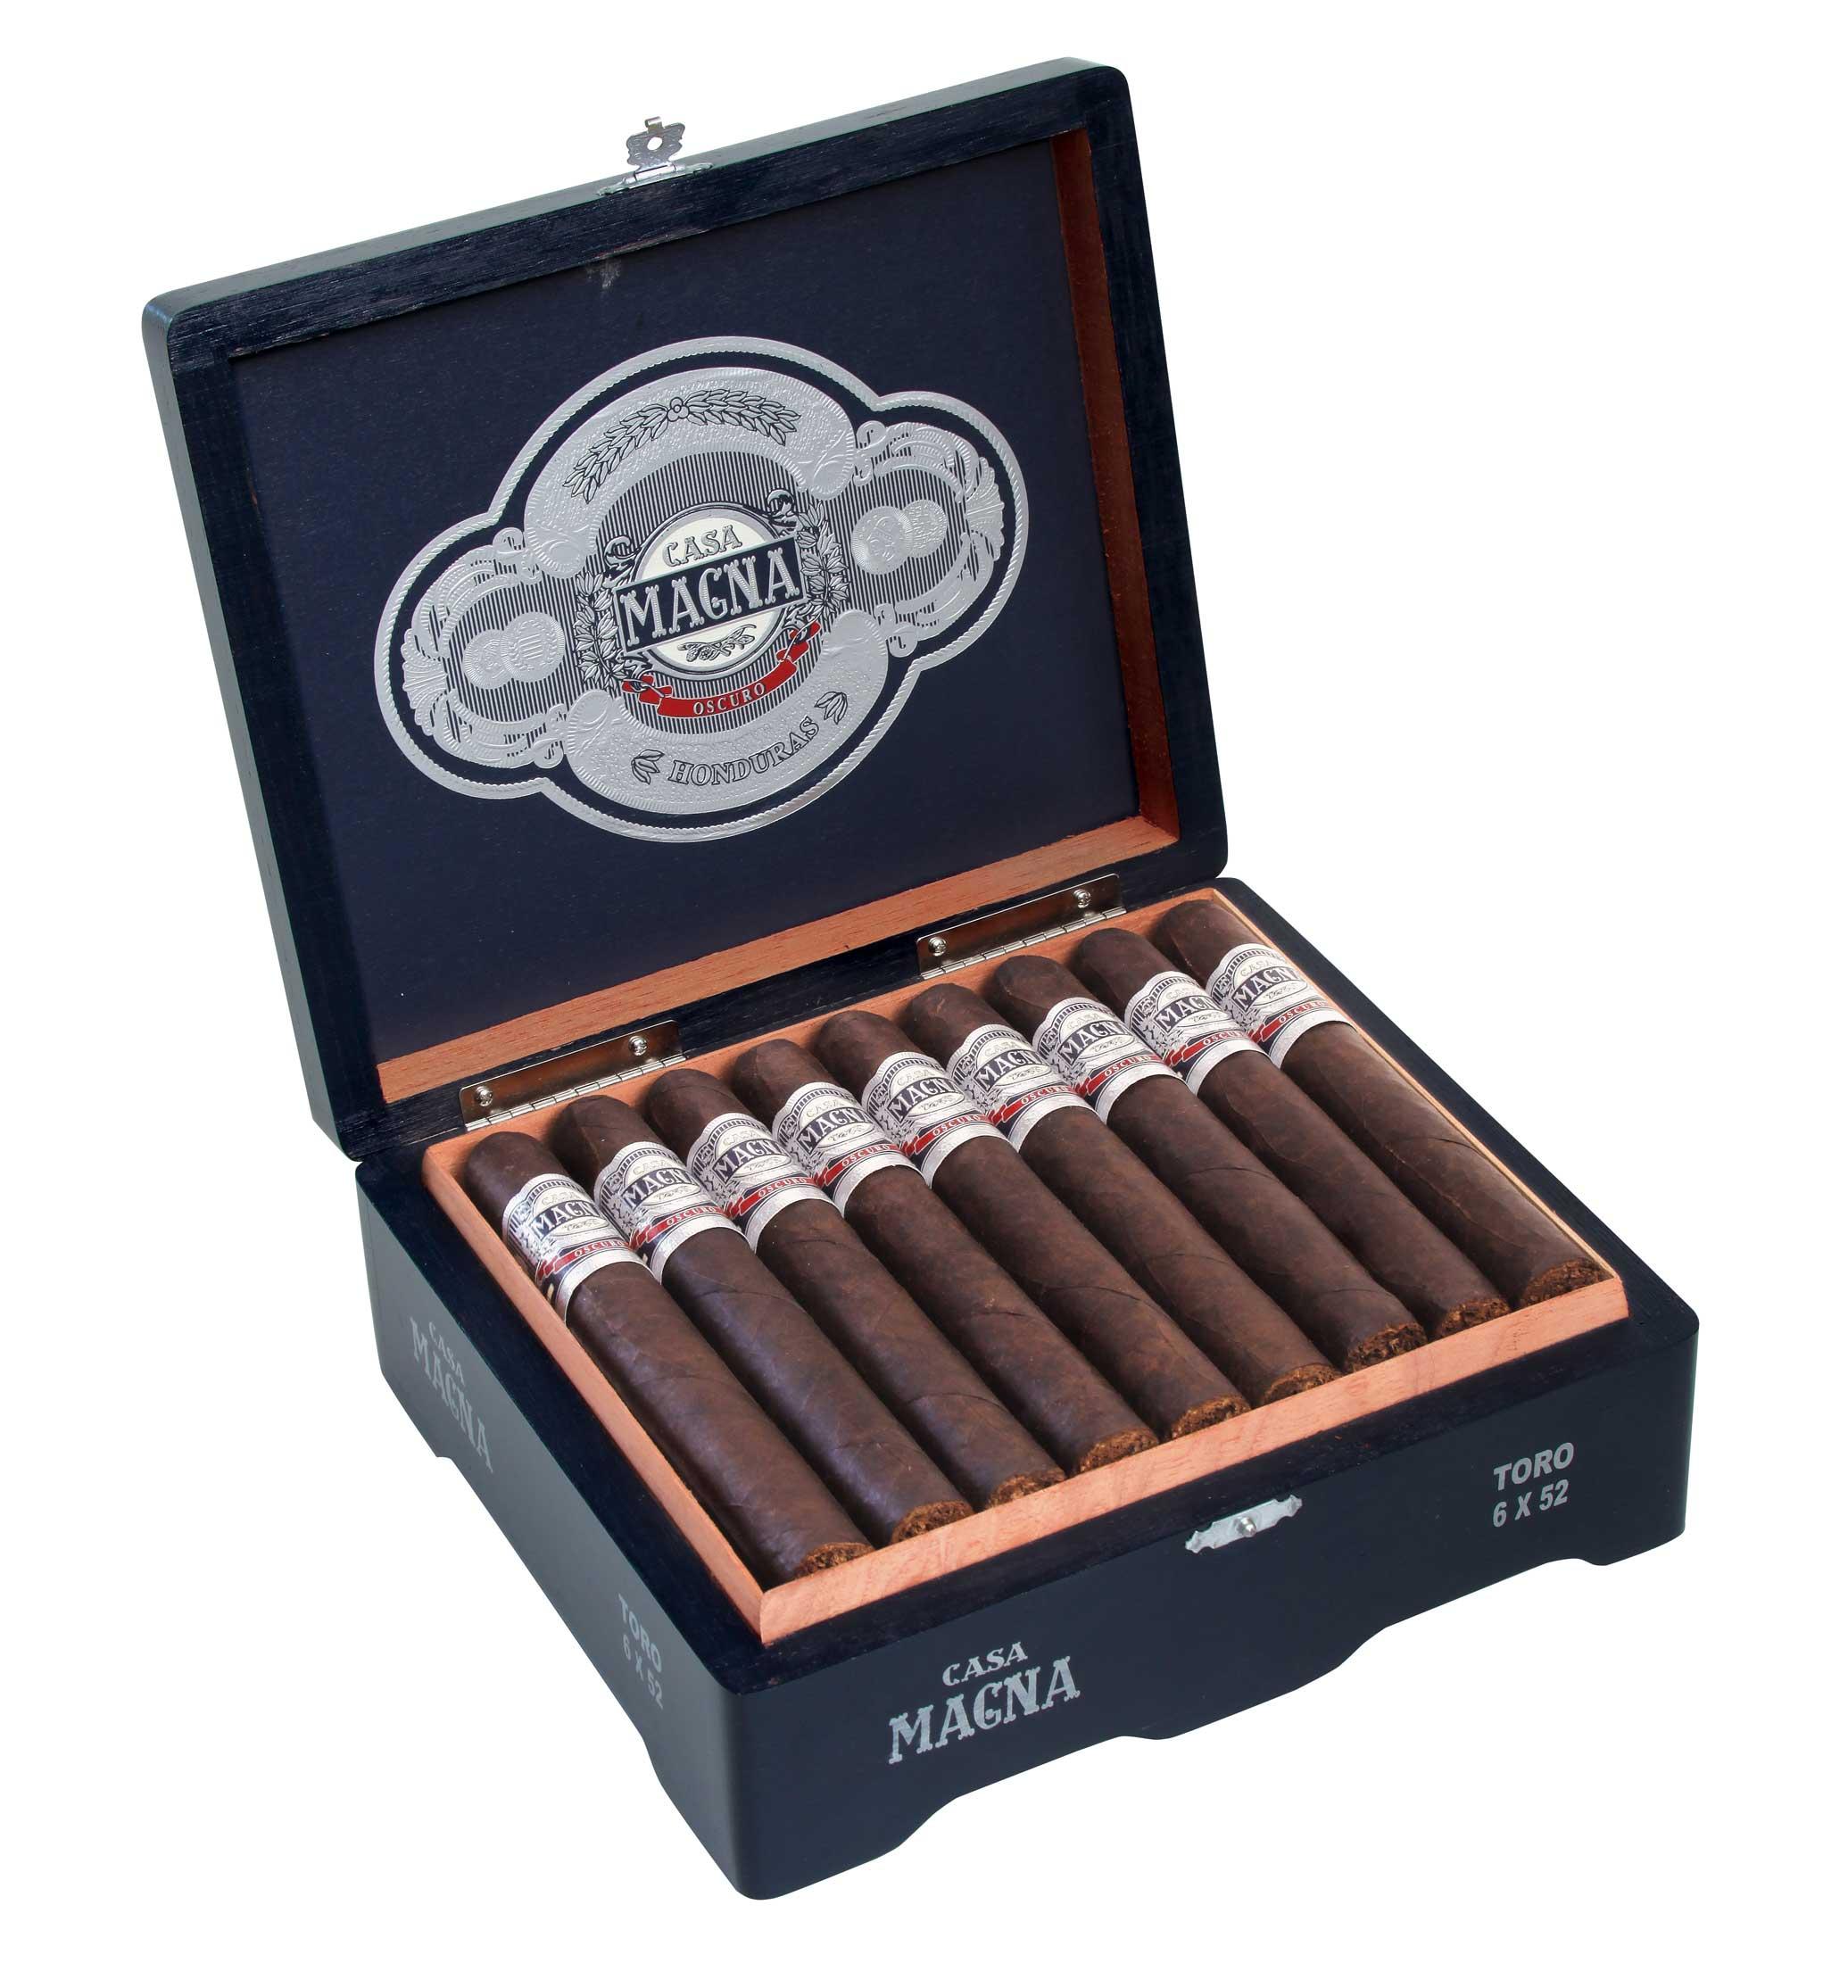 Casa Magna Oscuro Cigars